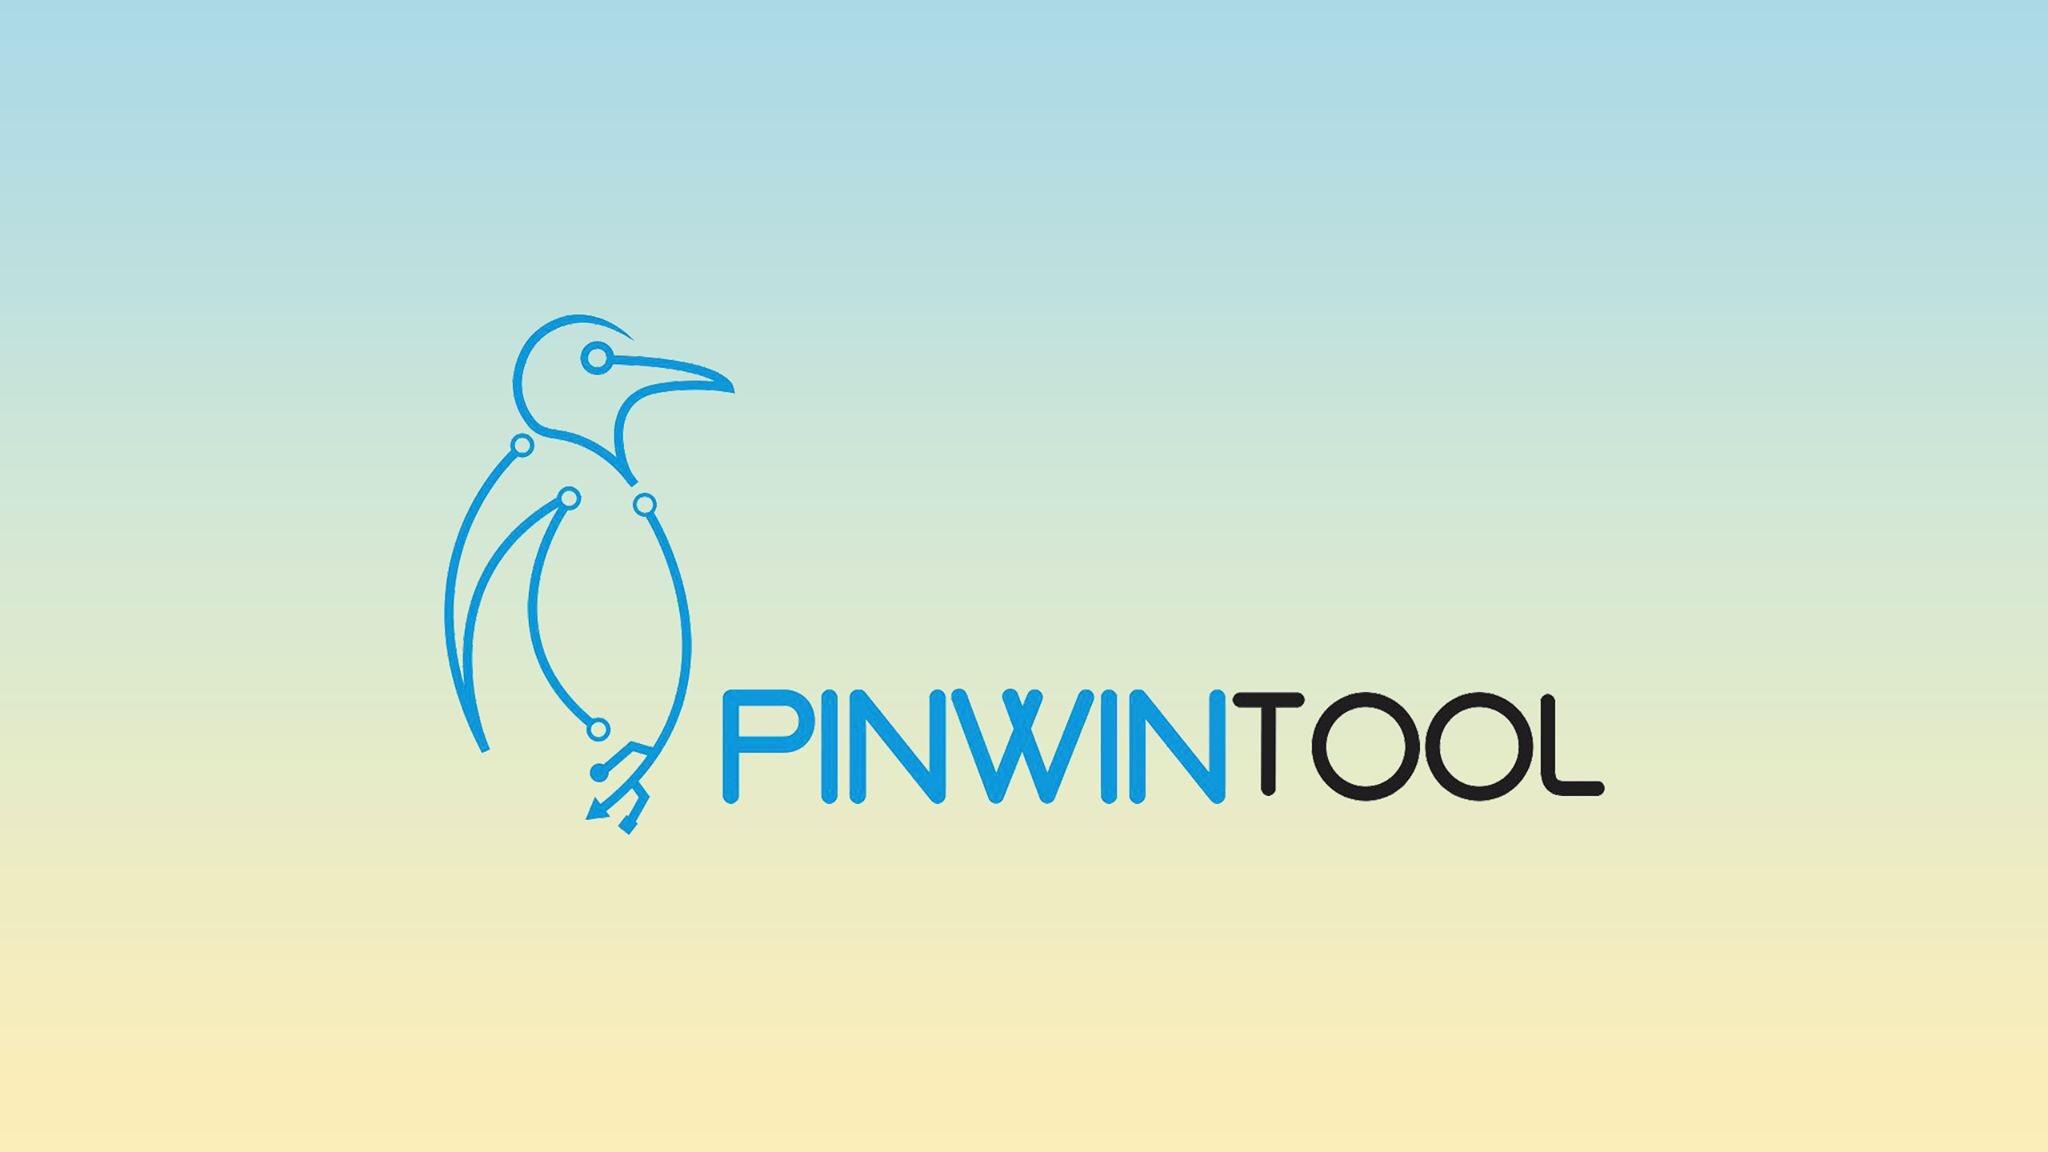 Pinwintol